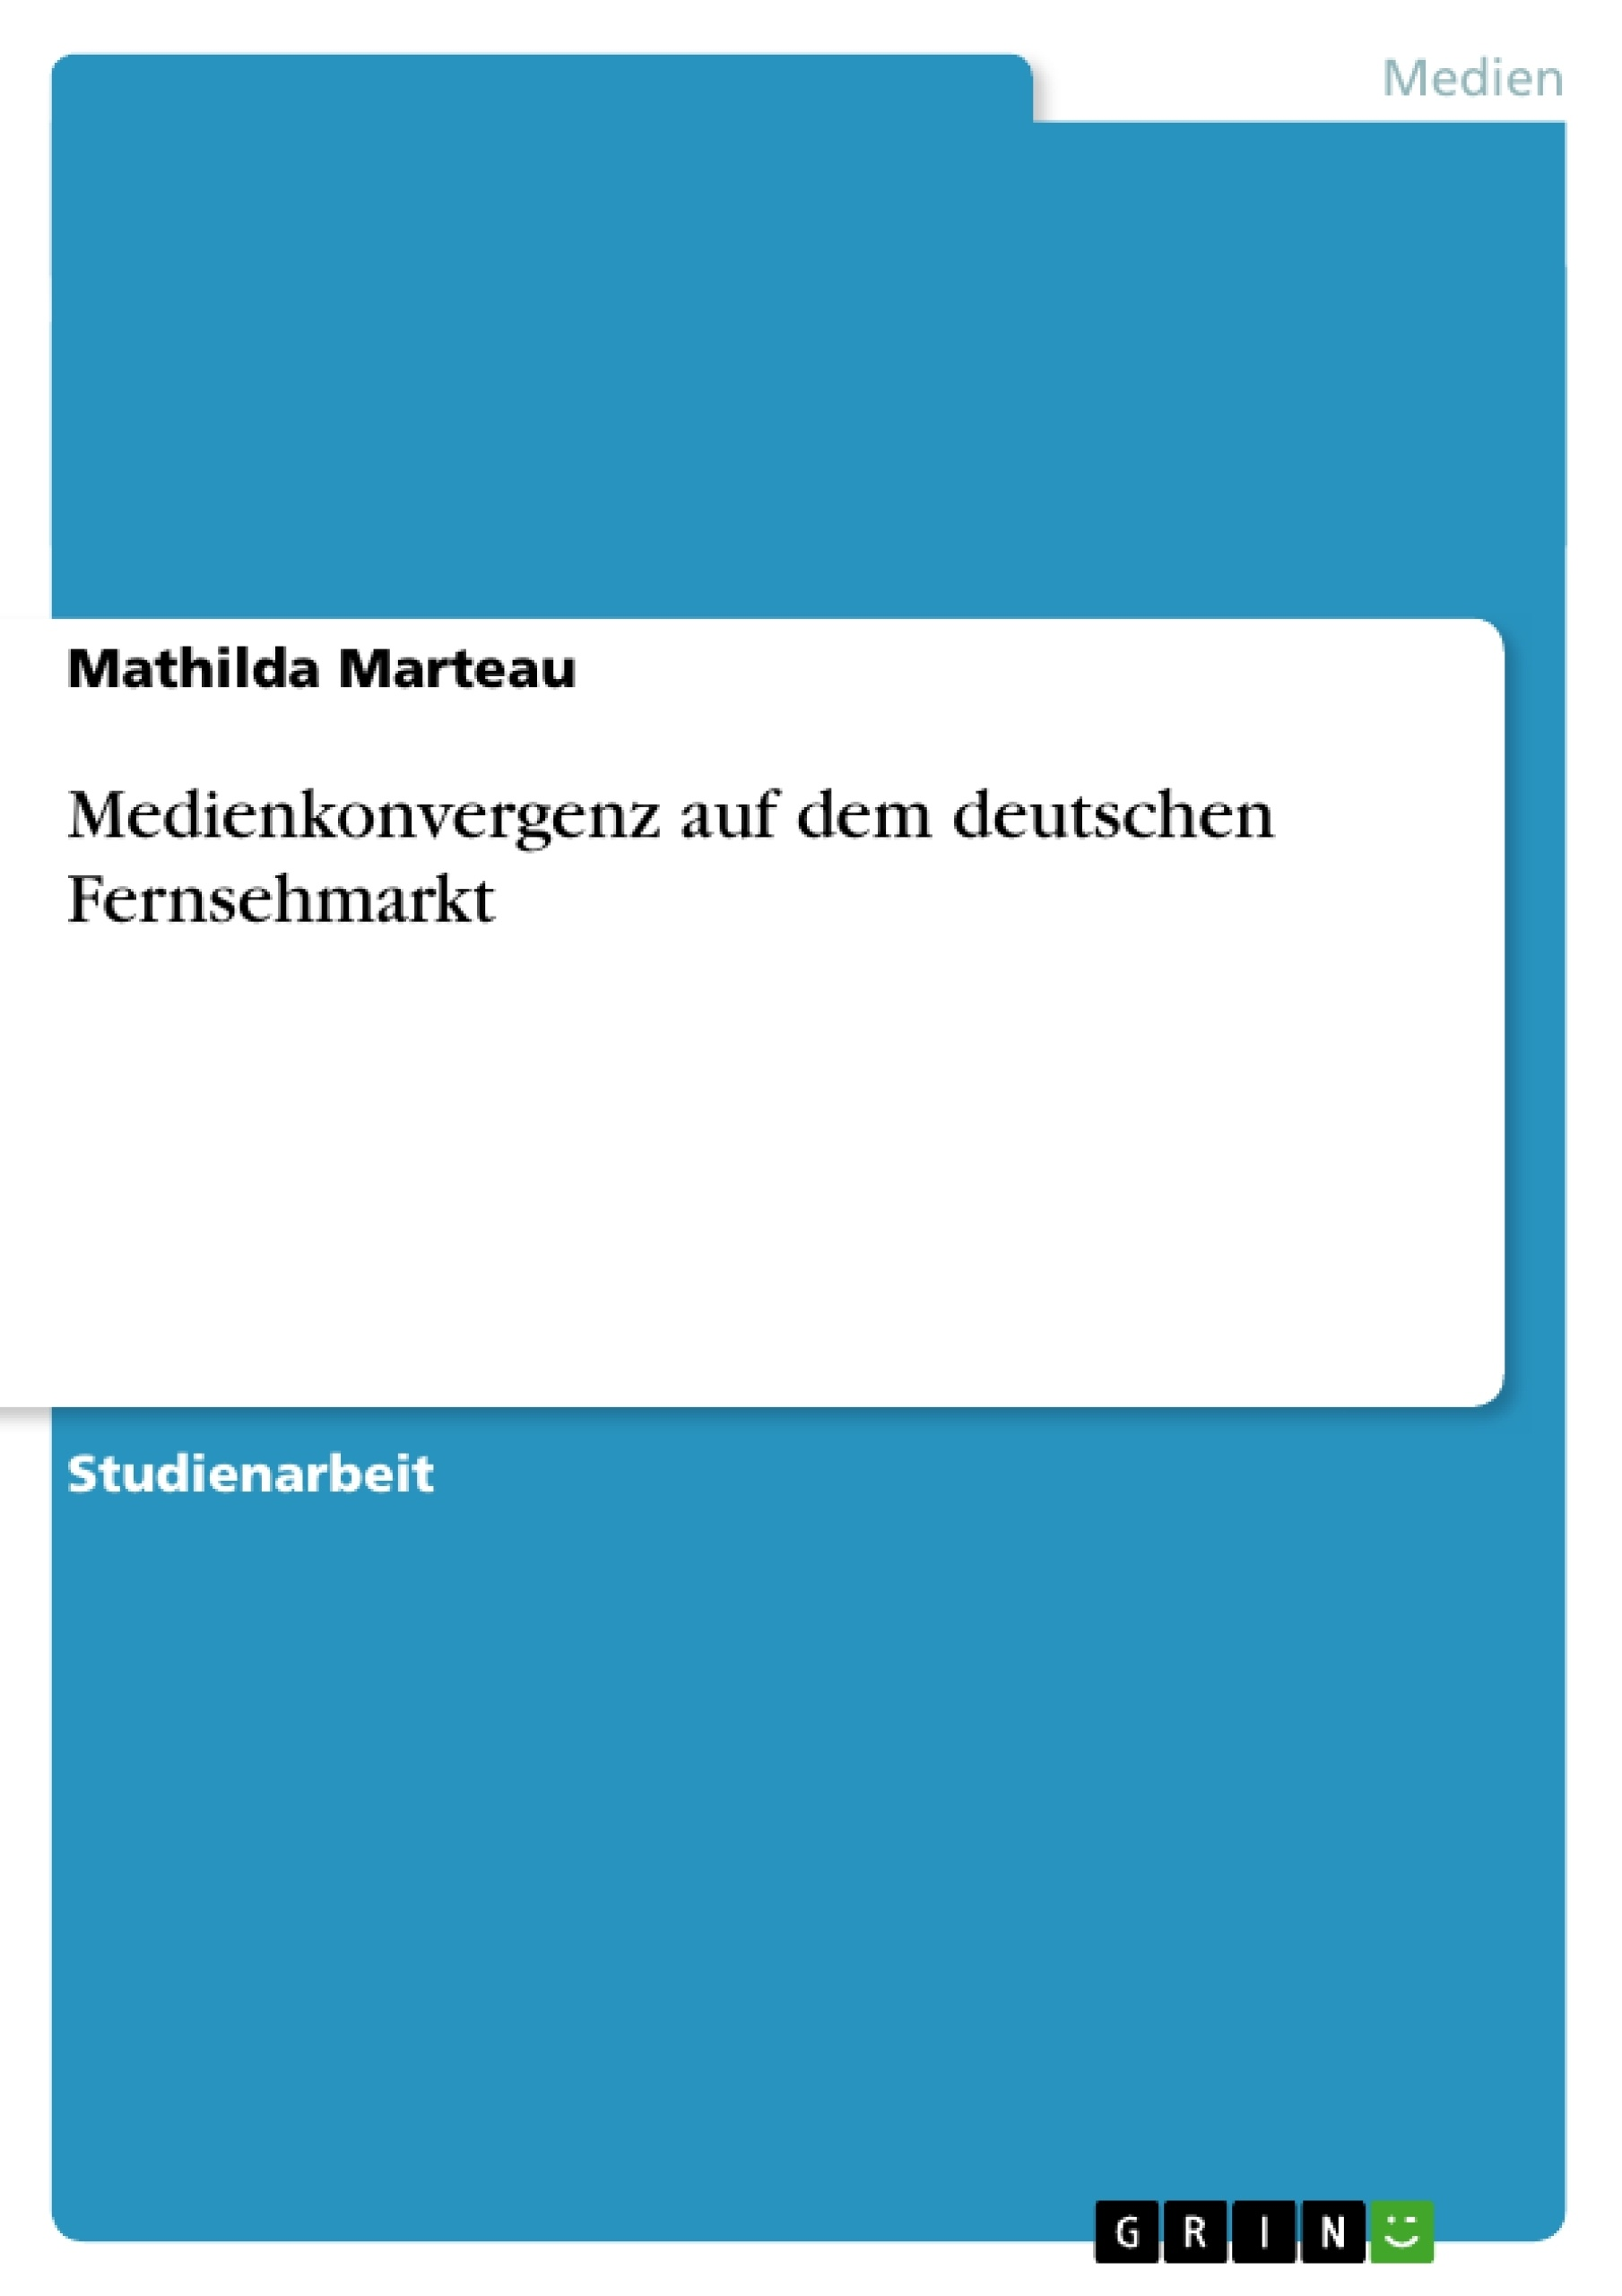 Titel: Medienkonvergenz auf dem deutschen Fernsehmarkt